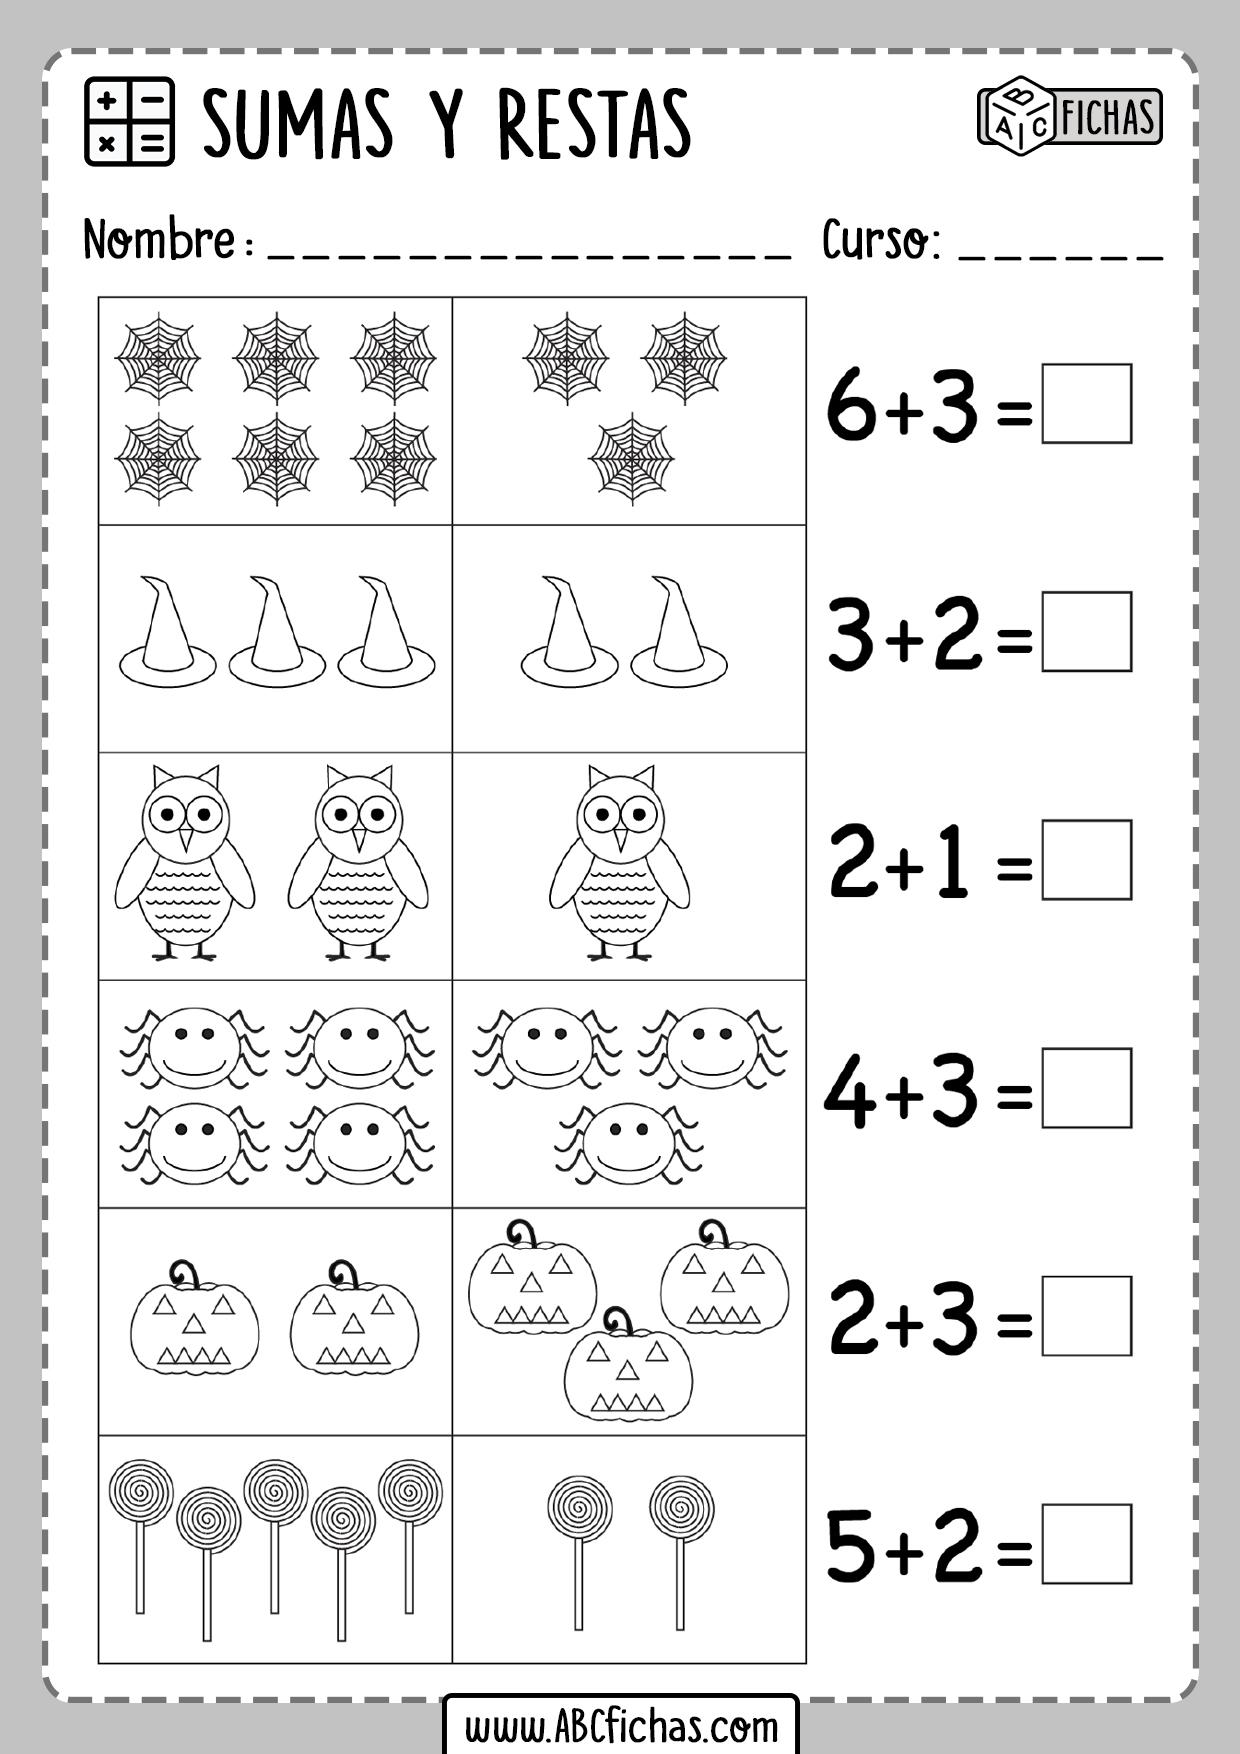 Sumas y restas para primaria con dibujos